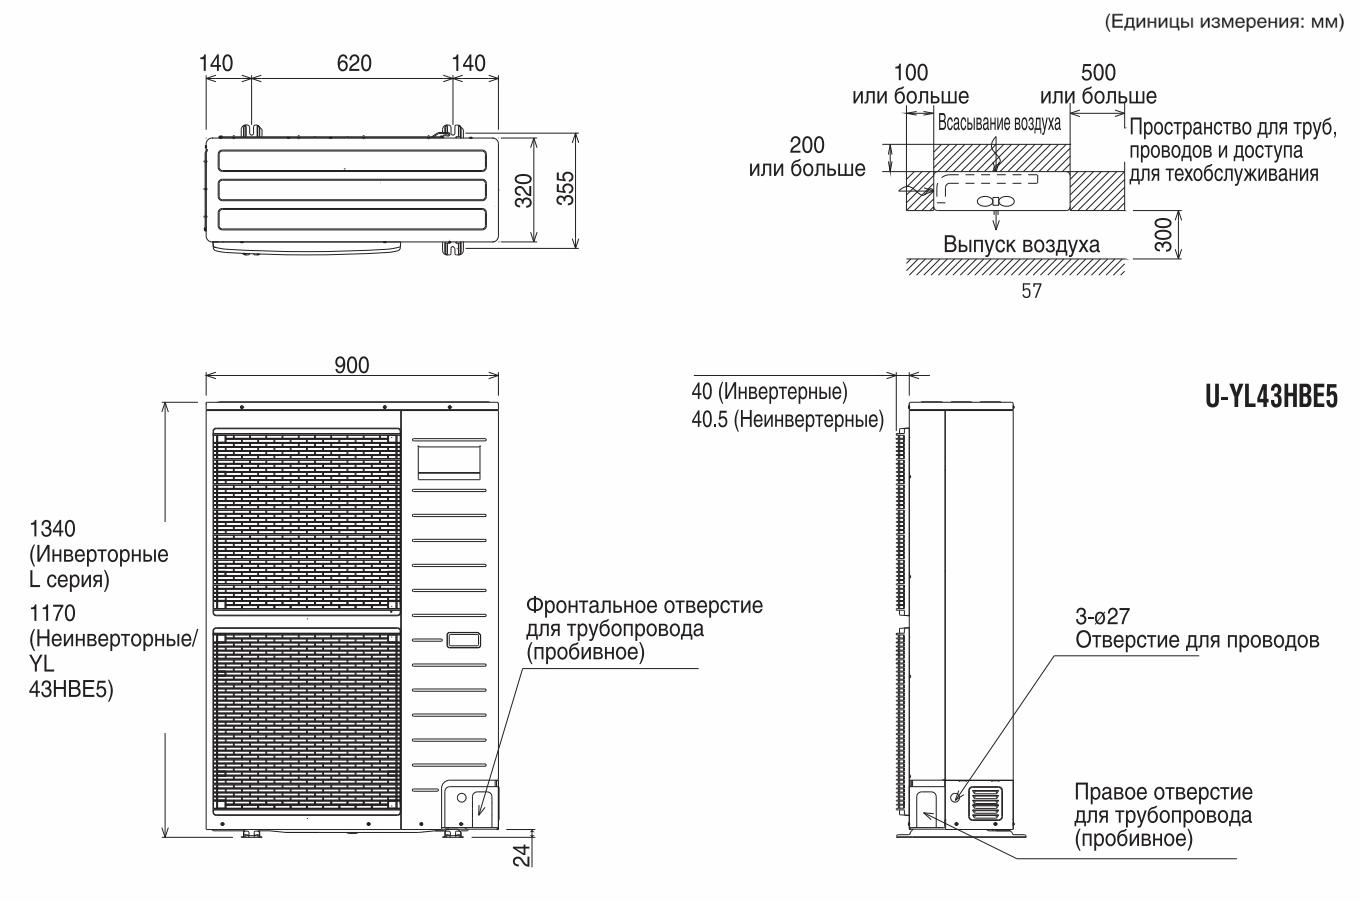 Габаритные размеры кондиционера U-YL43HBE5